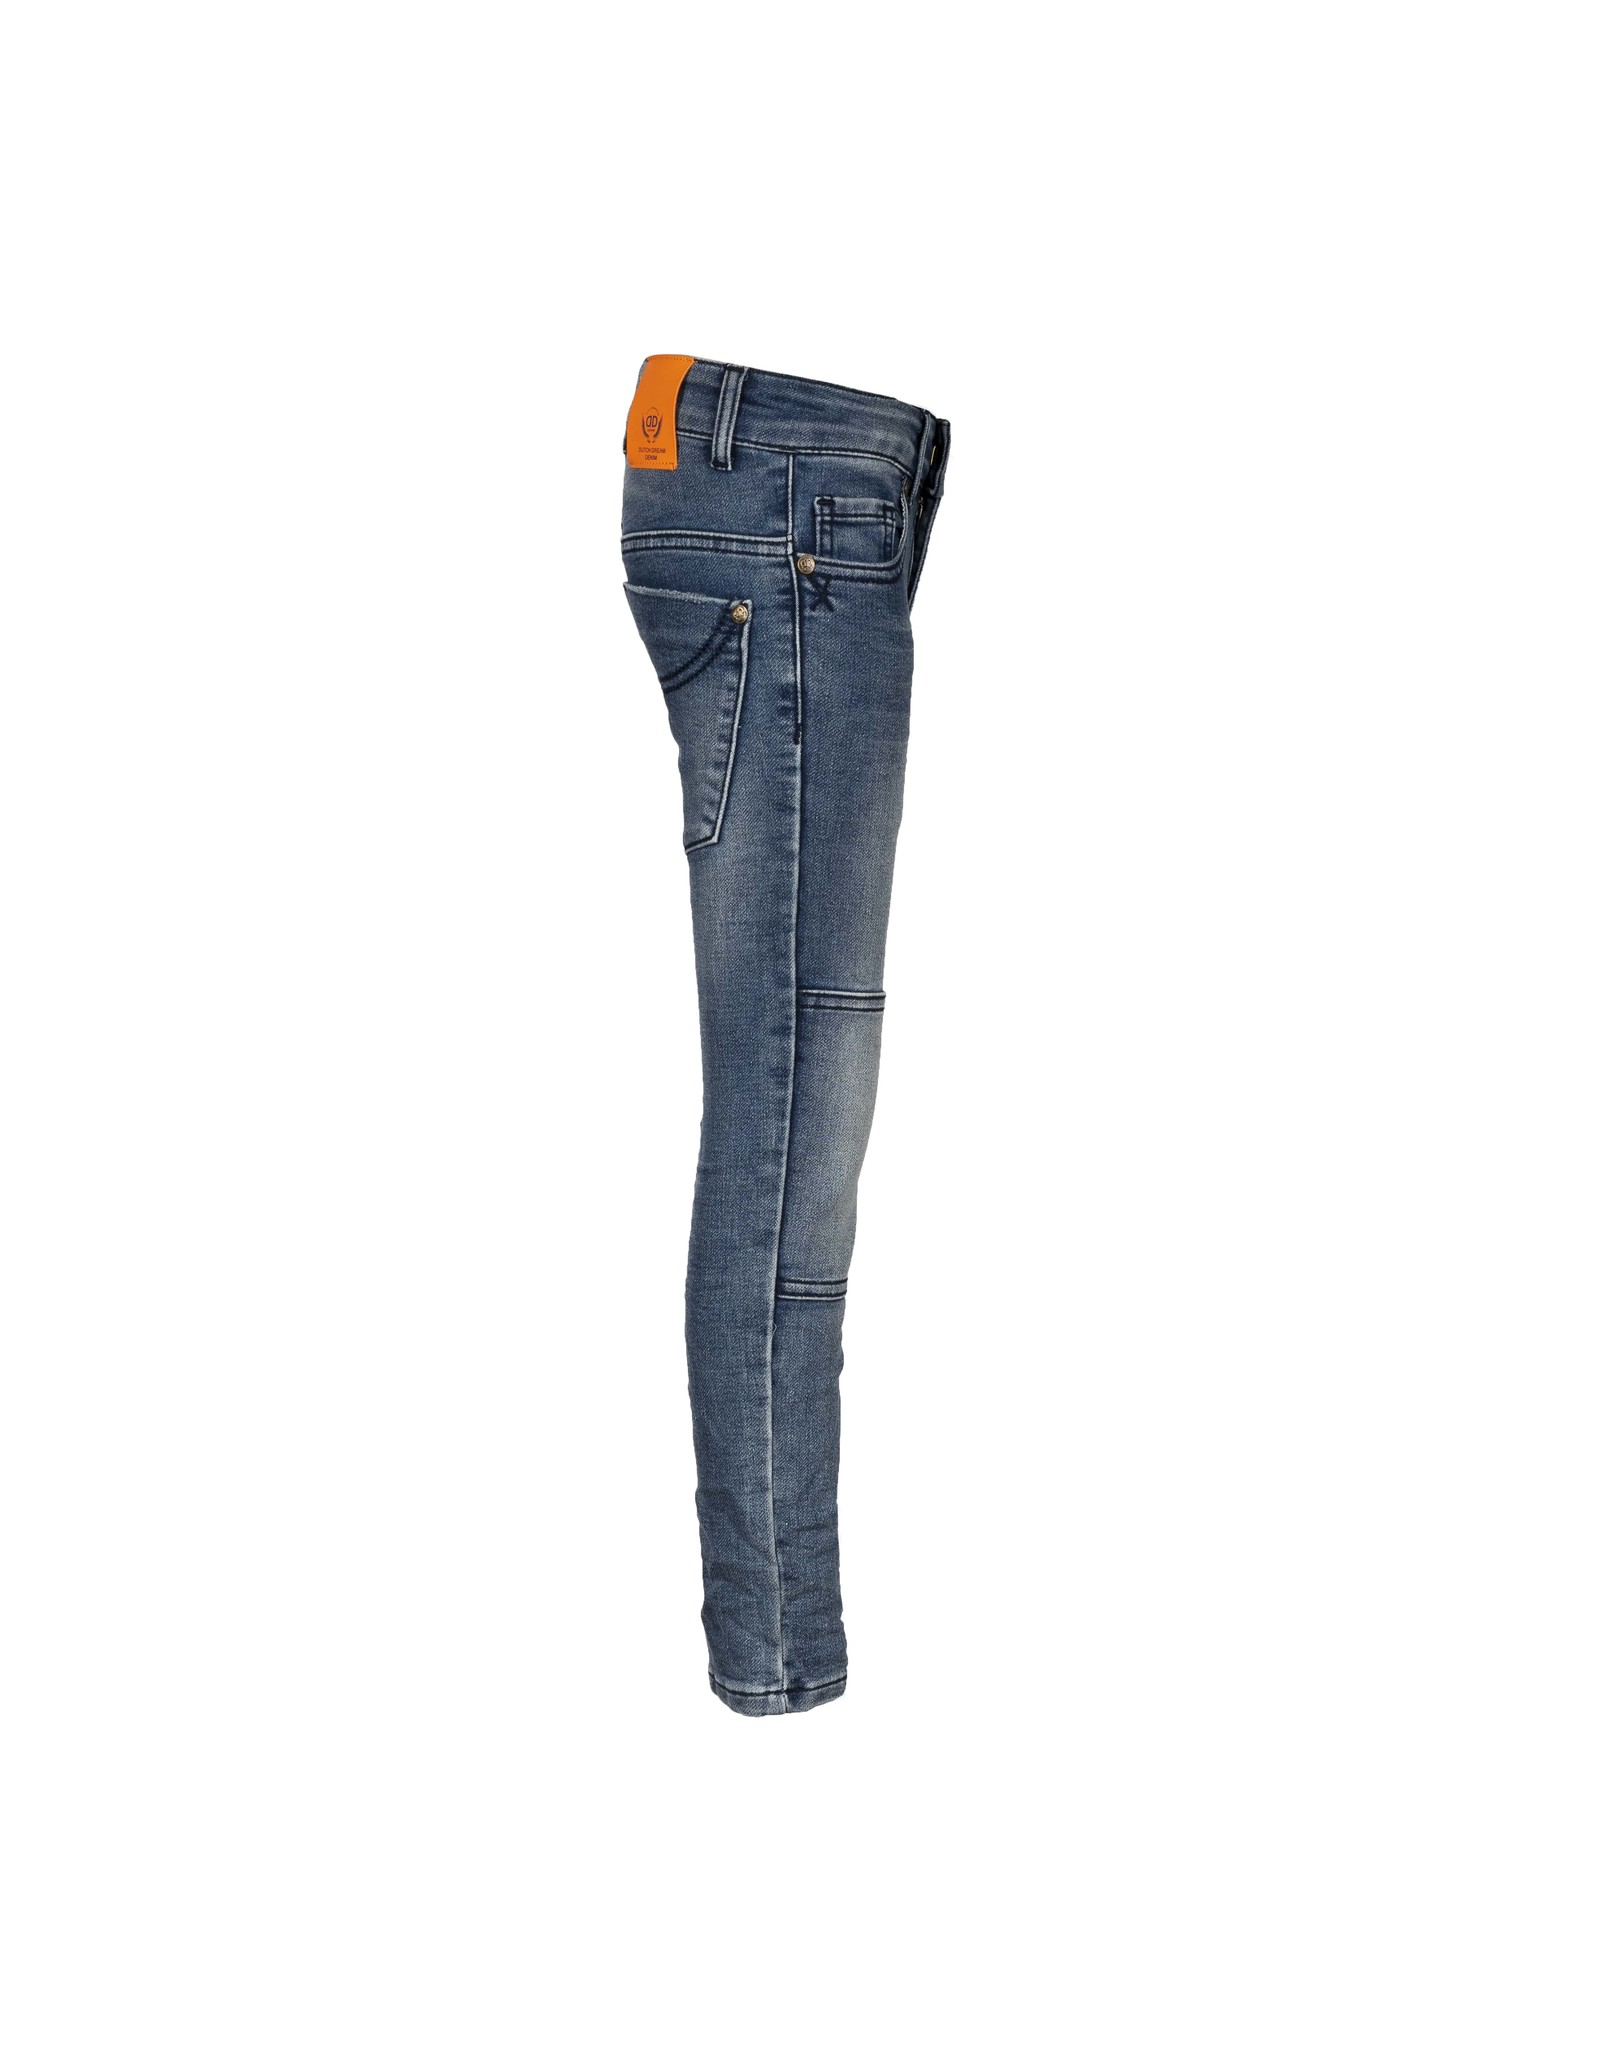 DDD DDD jongens extra slim fit jogg jeans Figo Blue